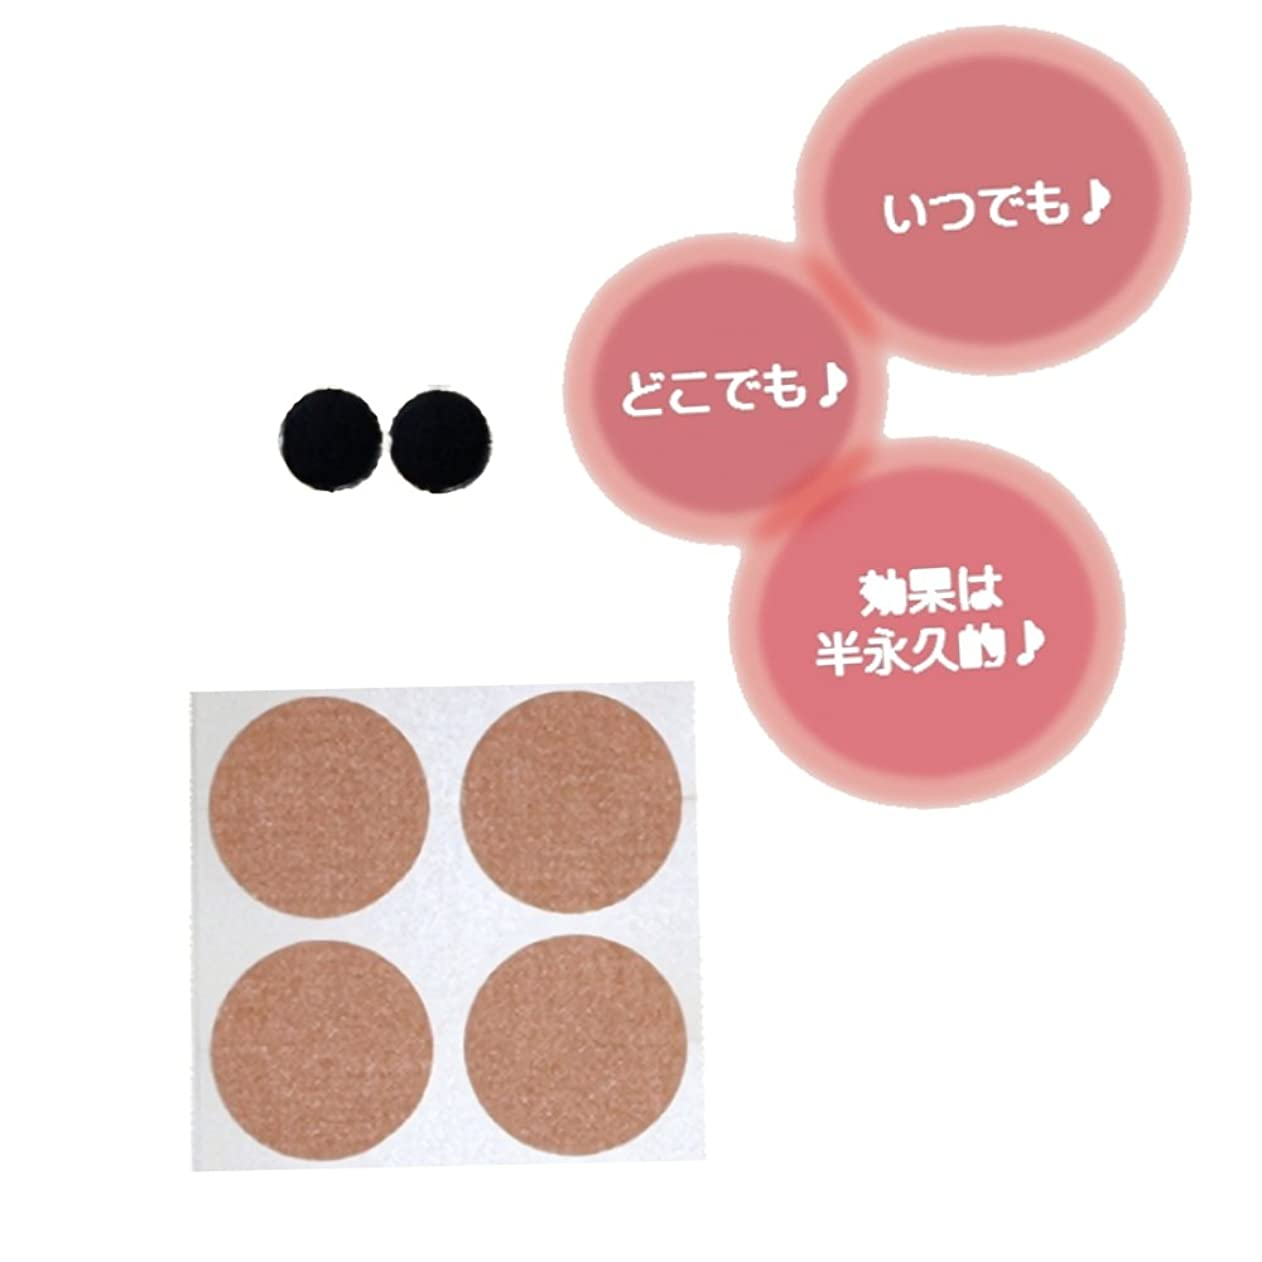 TQチップ2枚 効果は半永久的!貼っただけで心身のバランスがとれるTQチップ好きな所にお貼りください